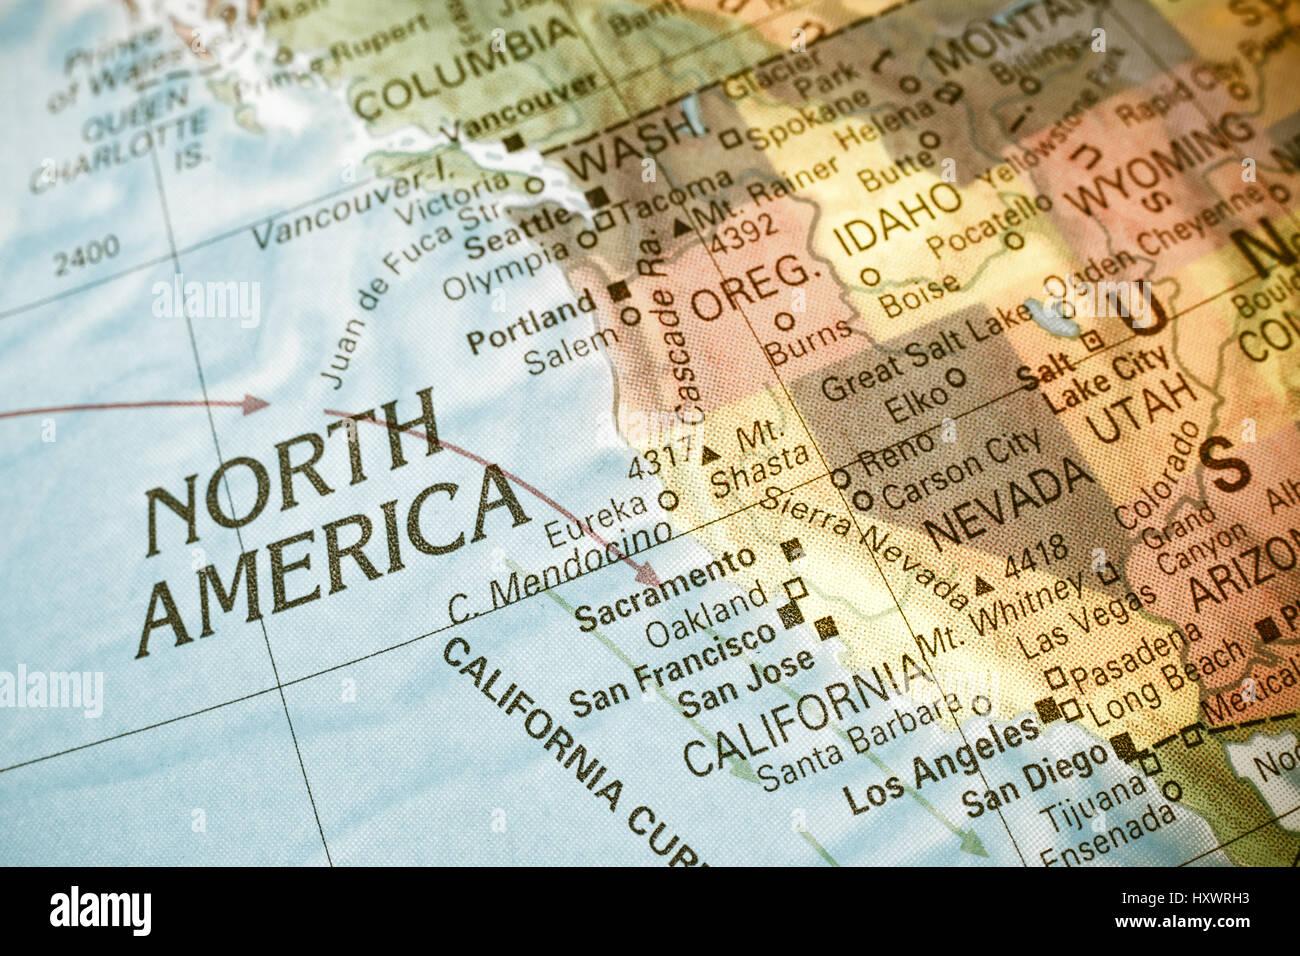 America Occidentale Cartina.Mappa Nord Ovest Degli Usa Close Up Macro Immagine Della Mappa Nord America Occidentale Messa A Fuoco Selettiva Foto Stock Alamy